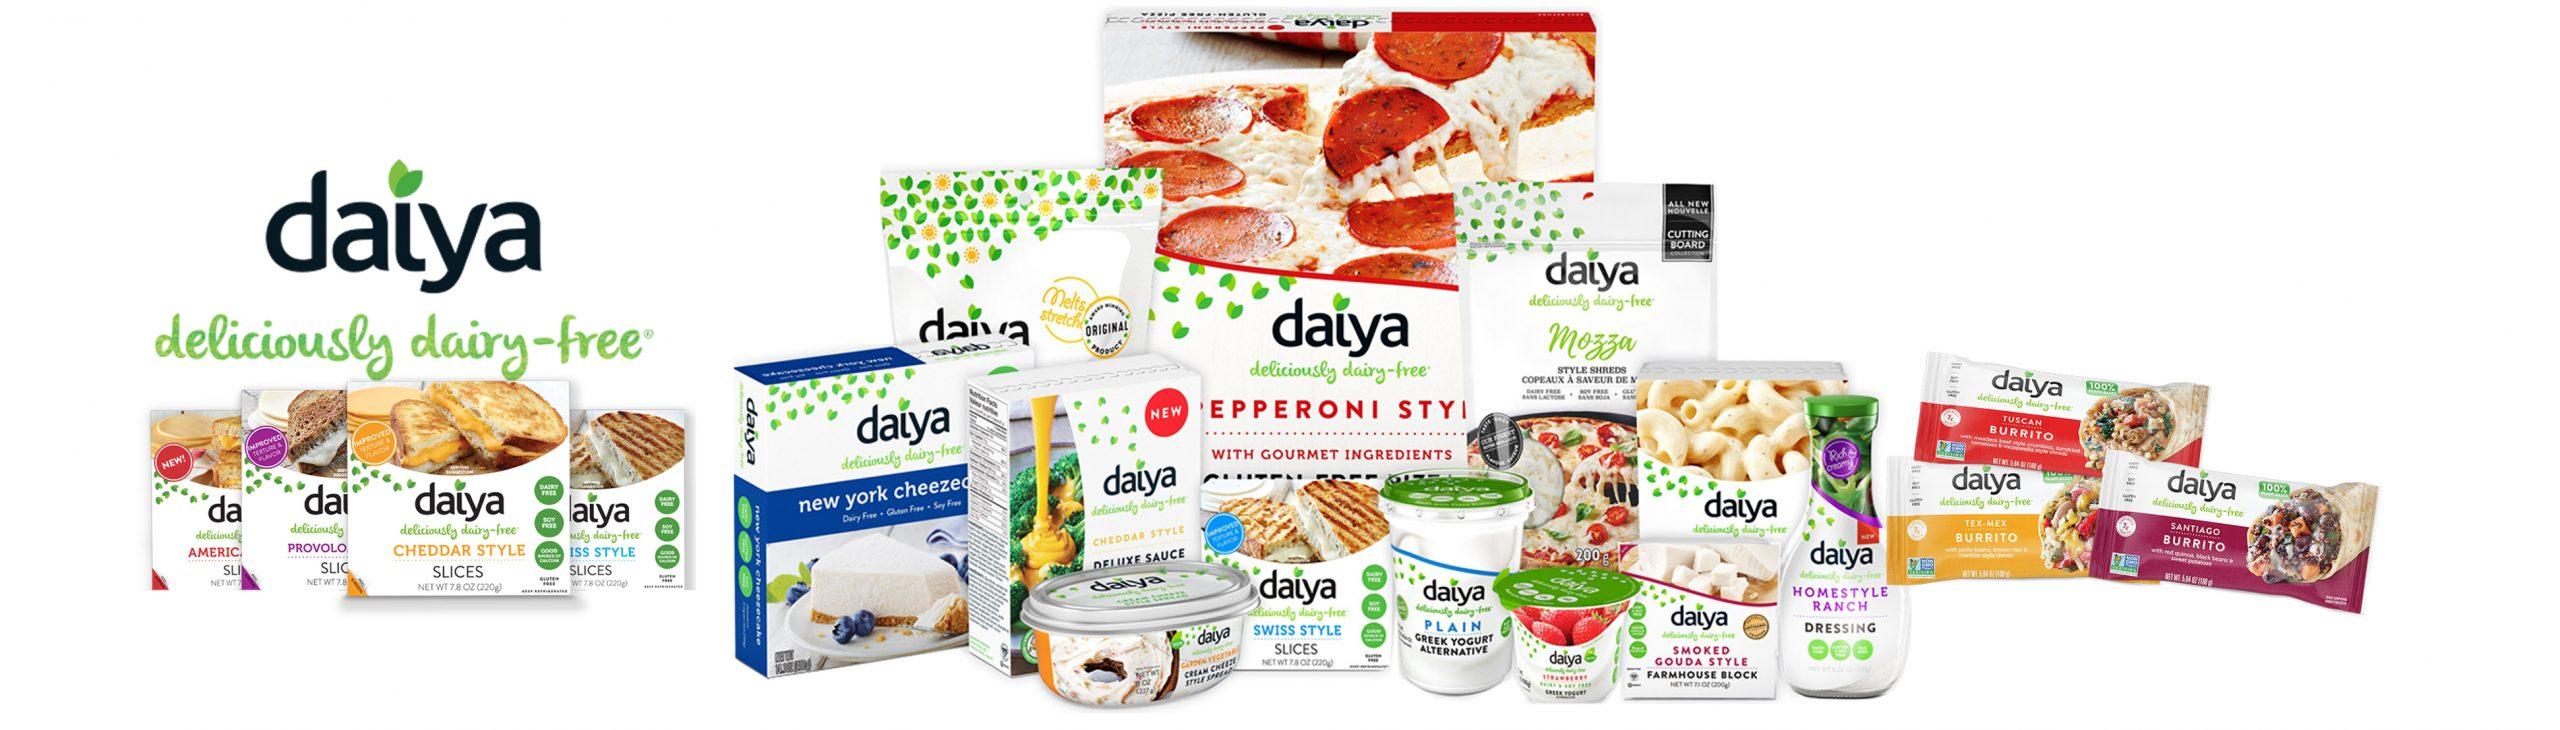 cabecera-daiya